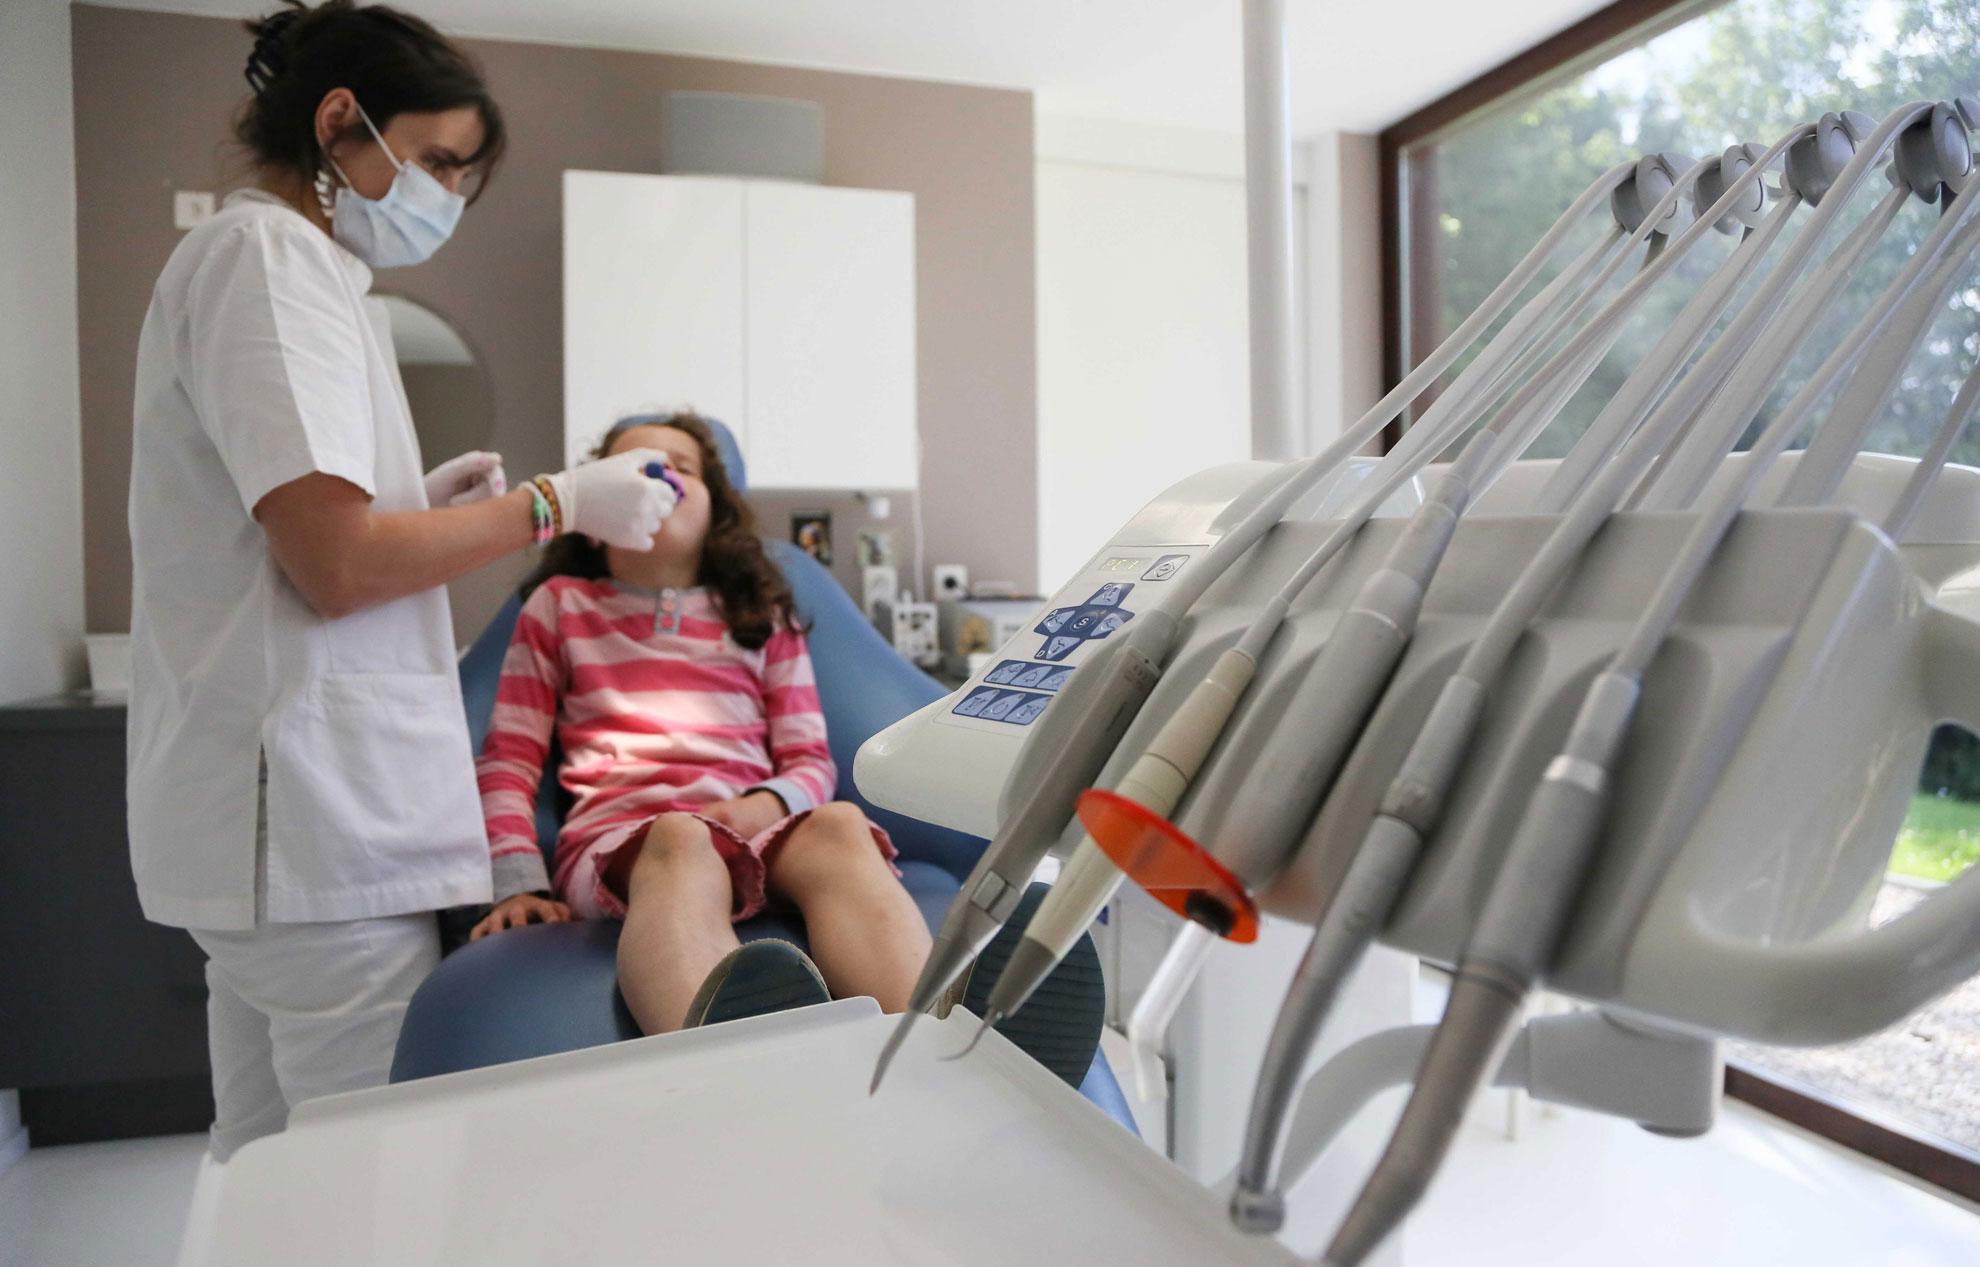 Centre dentaire : un centre dentaire qui peut opérer ?